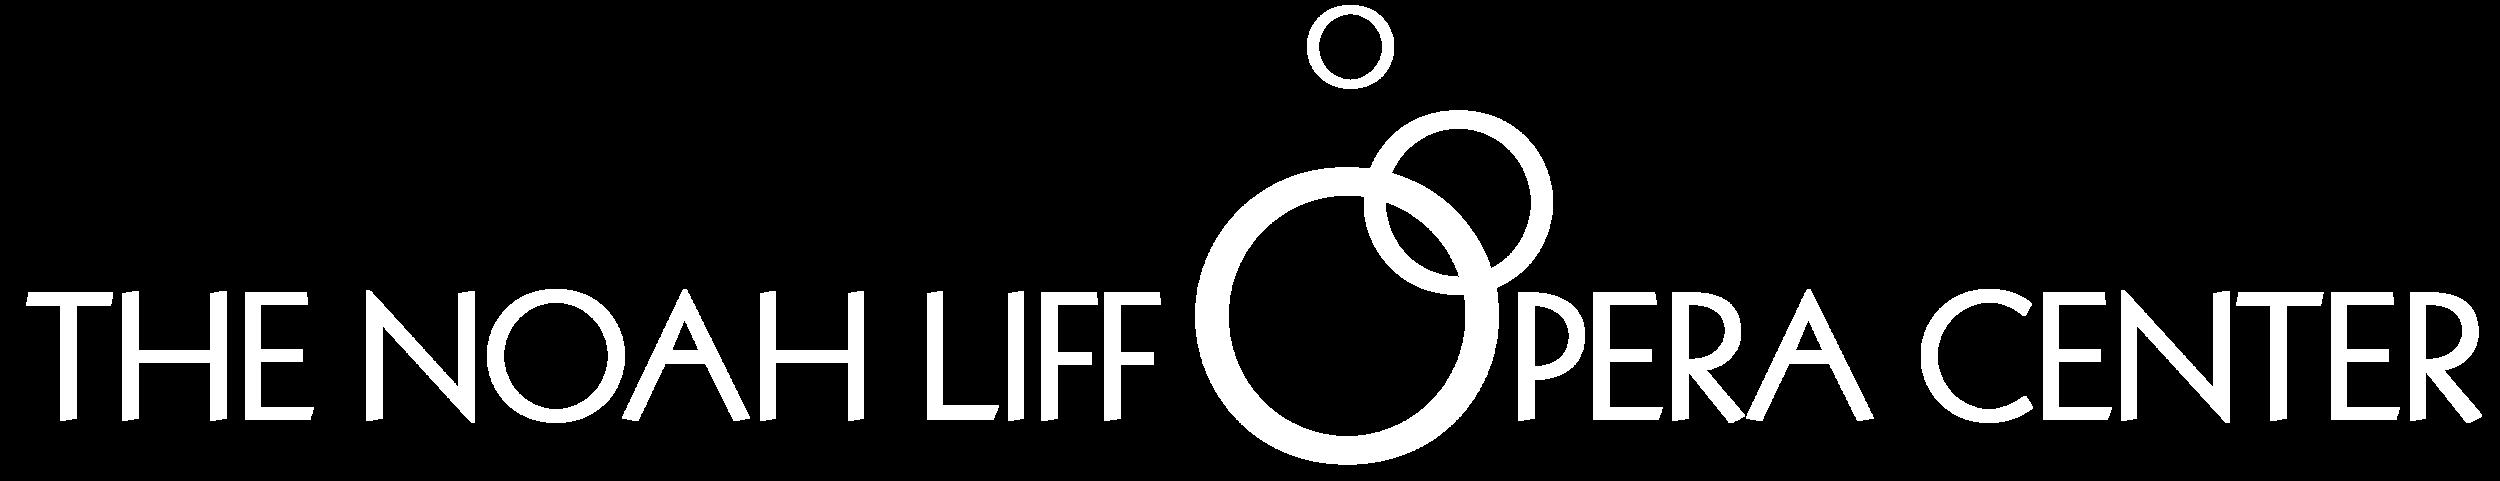 LogoLiffOhsWhite.png